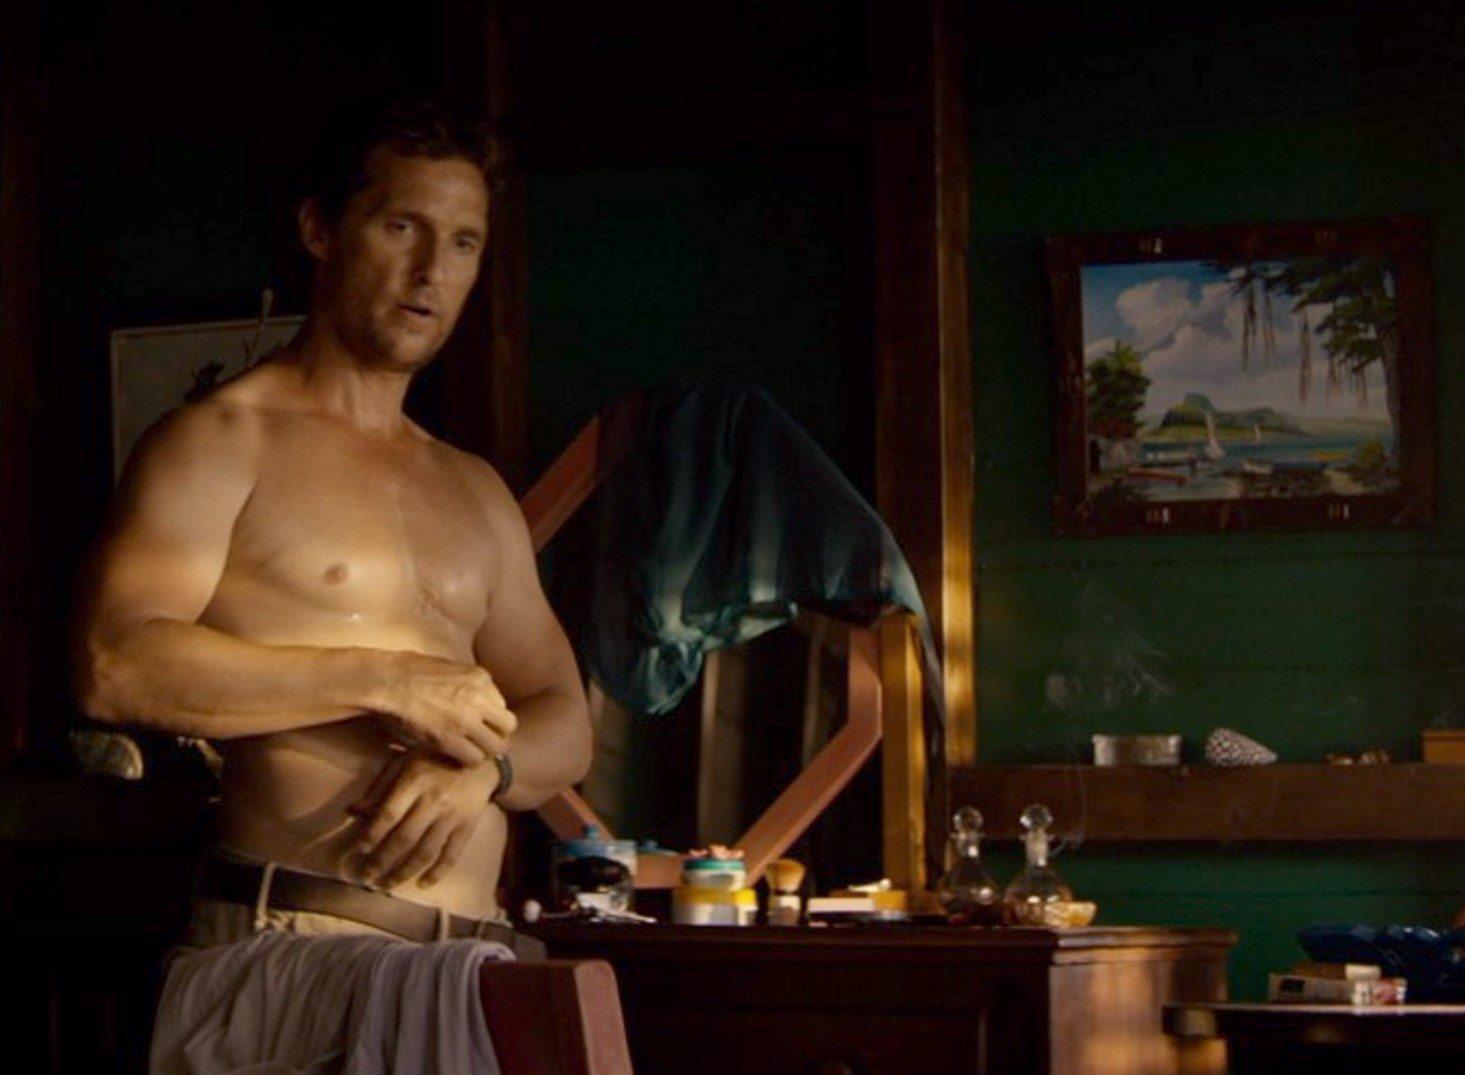 """McConaughey icona-sexy con maglietta bagnata. """"Serenity"""" con l'inganno"""